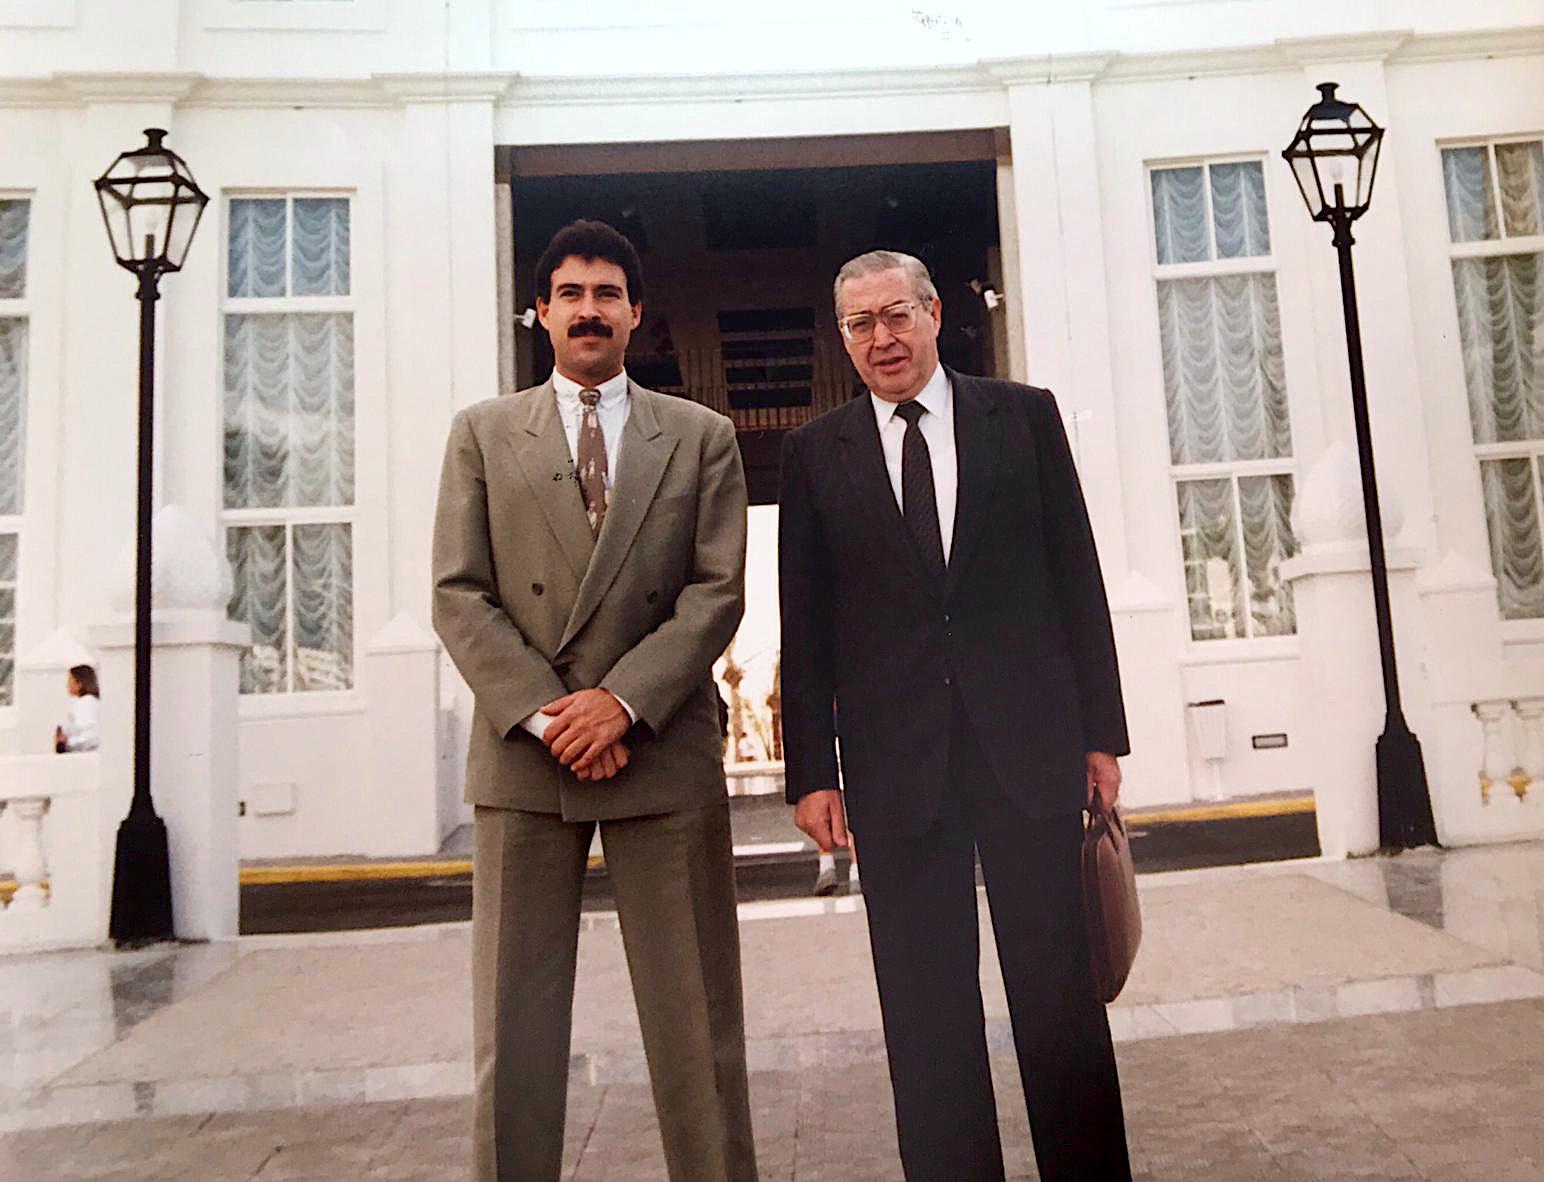 Luis Riu Güell con su padre, Luis Riu Bertrán, delante del Riu Palace Maspalomas